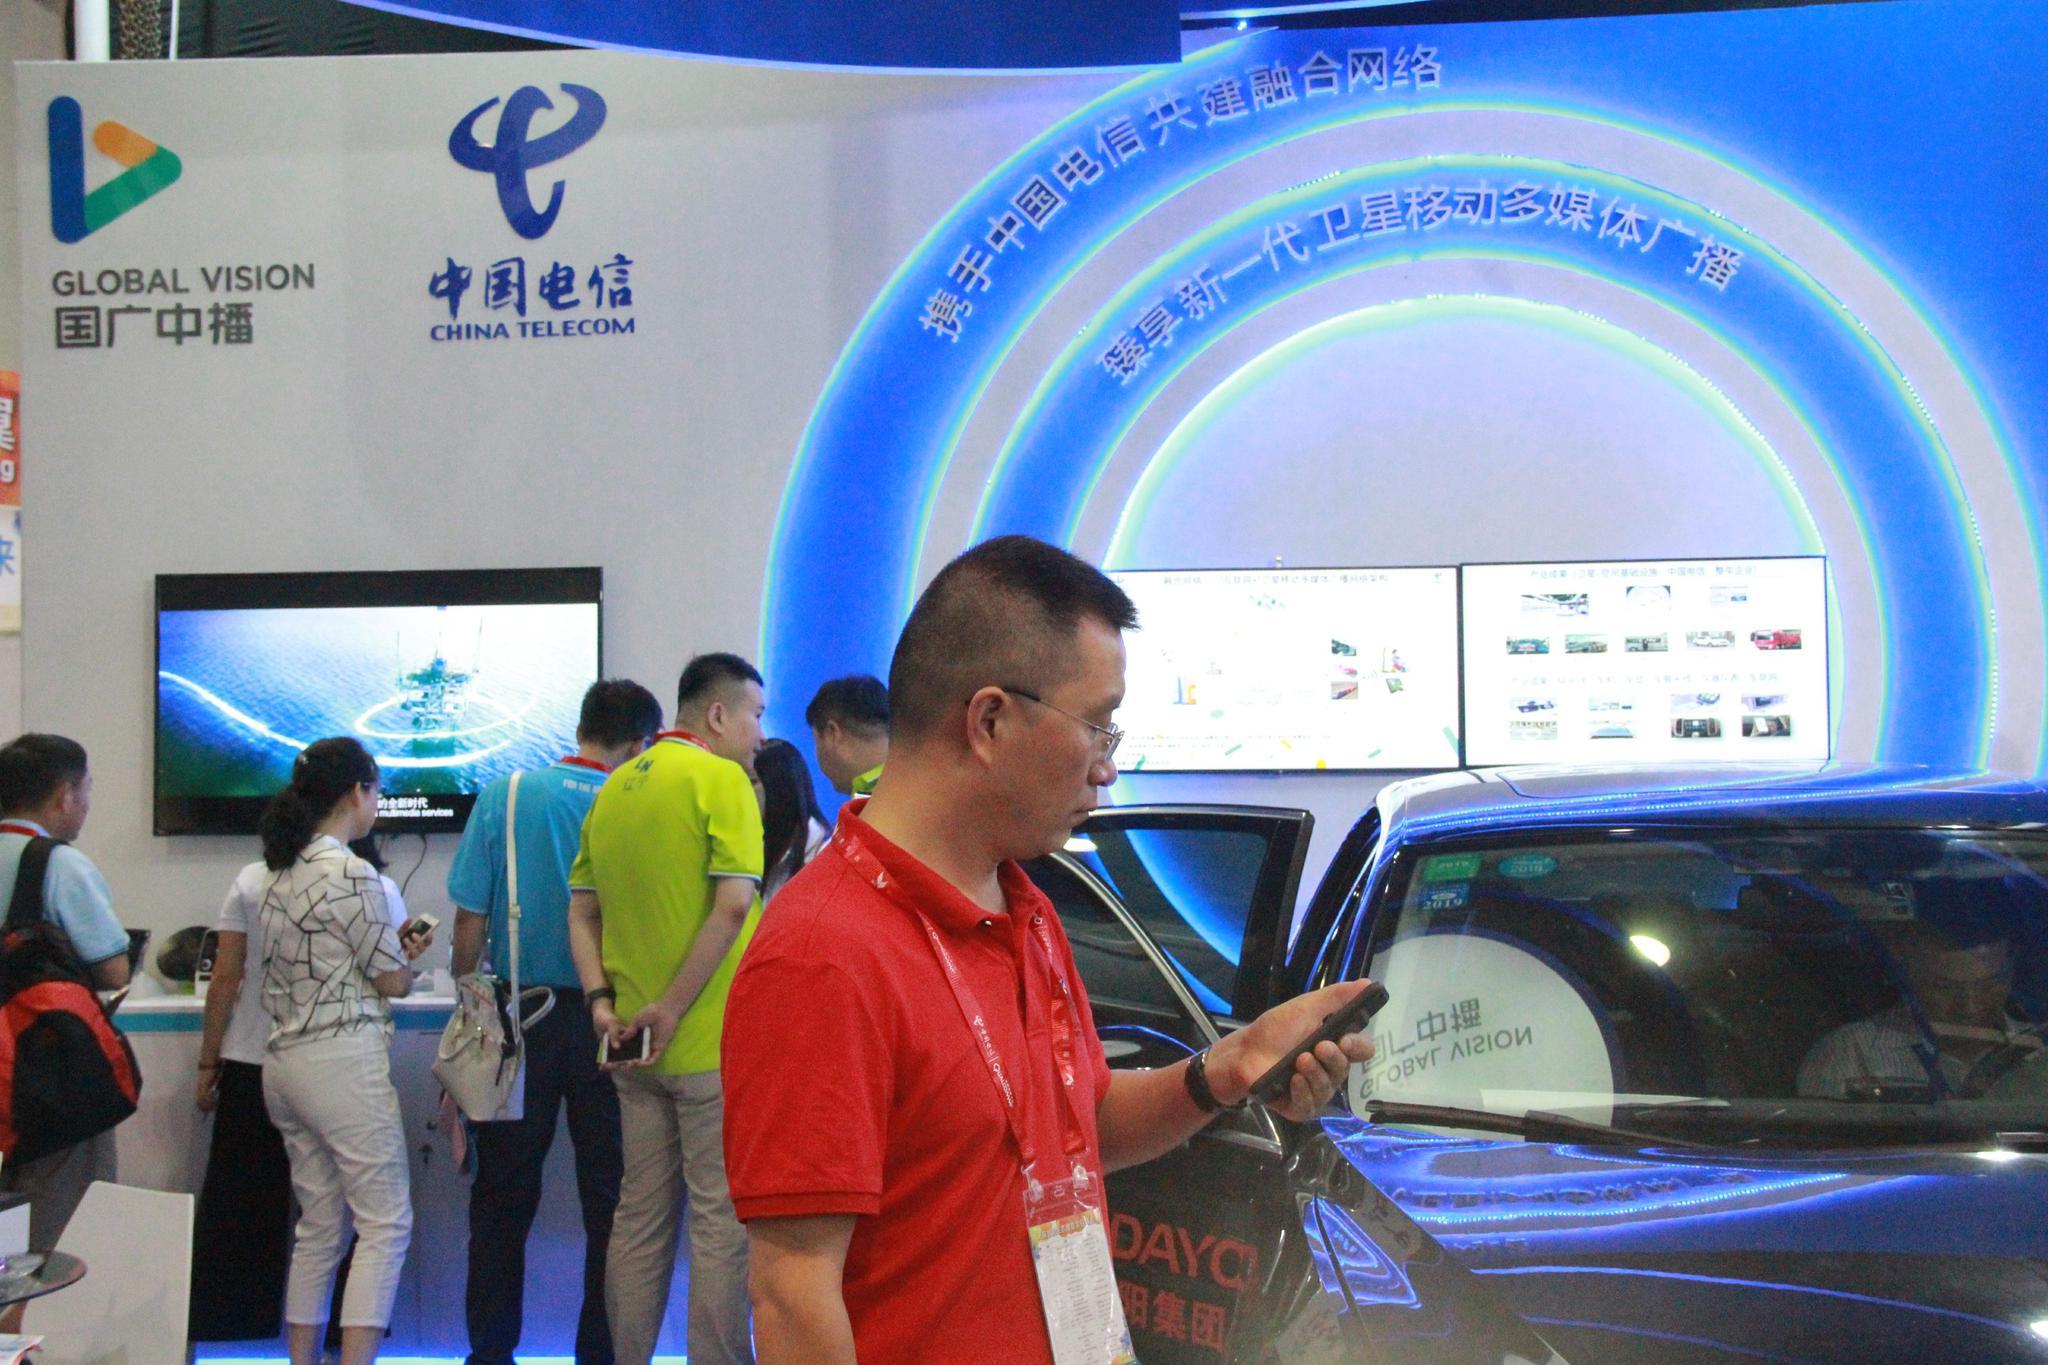 中国电信9月1日起取消国内手机长途和漫游通话费